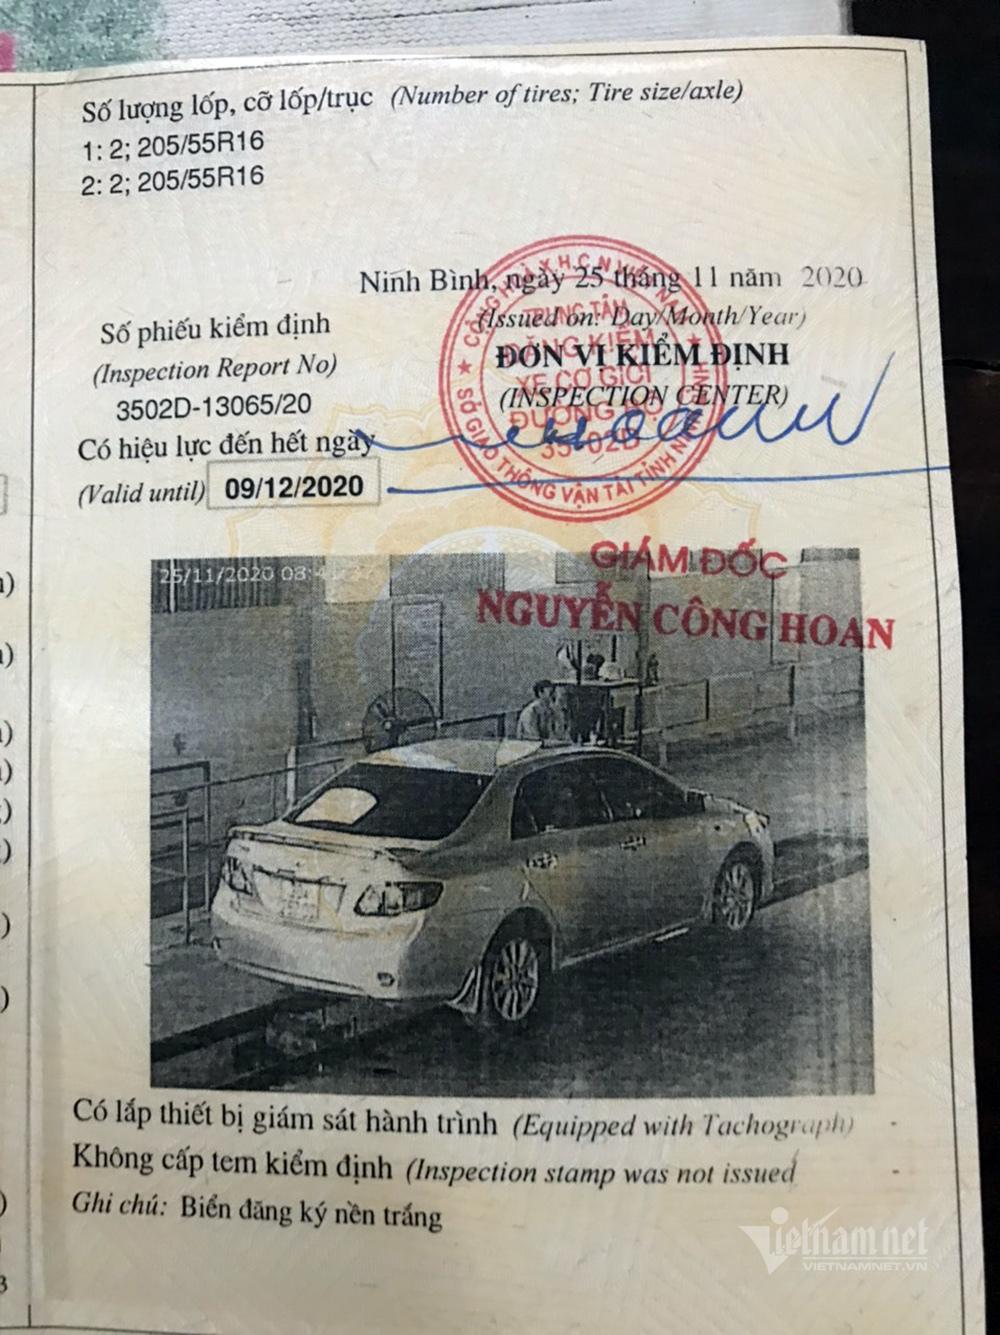 Ô tô để nhà tại Thanh Hóa, 'tá hoả' khi CSGT báo vi phạm ở Hà Nội